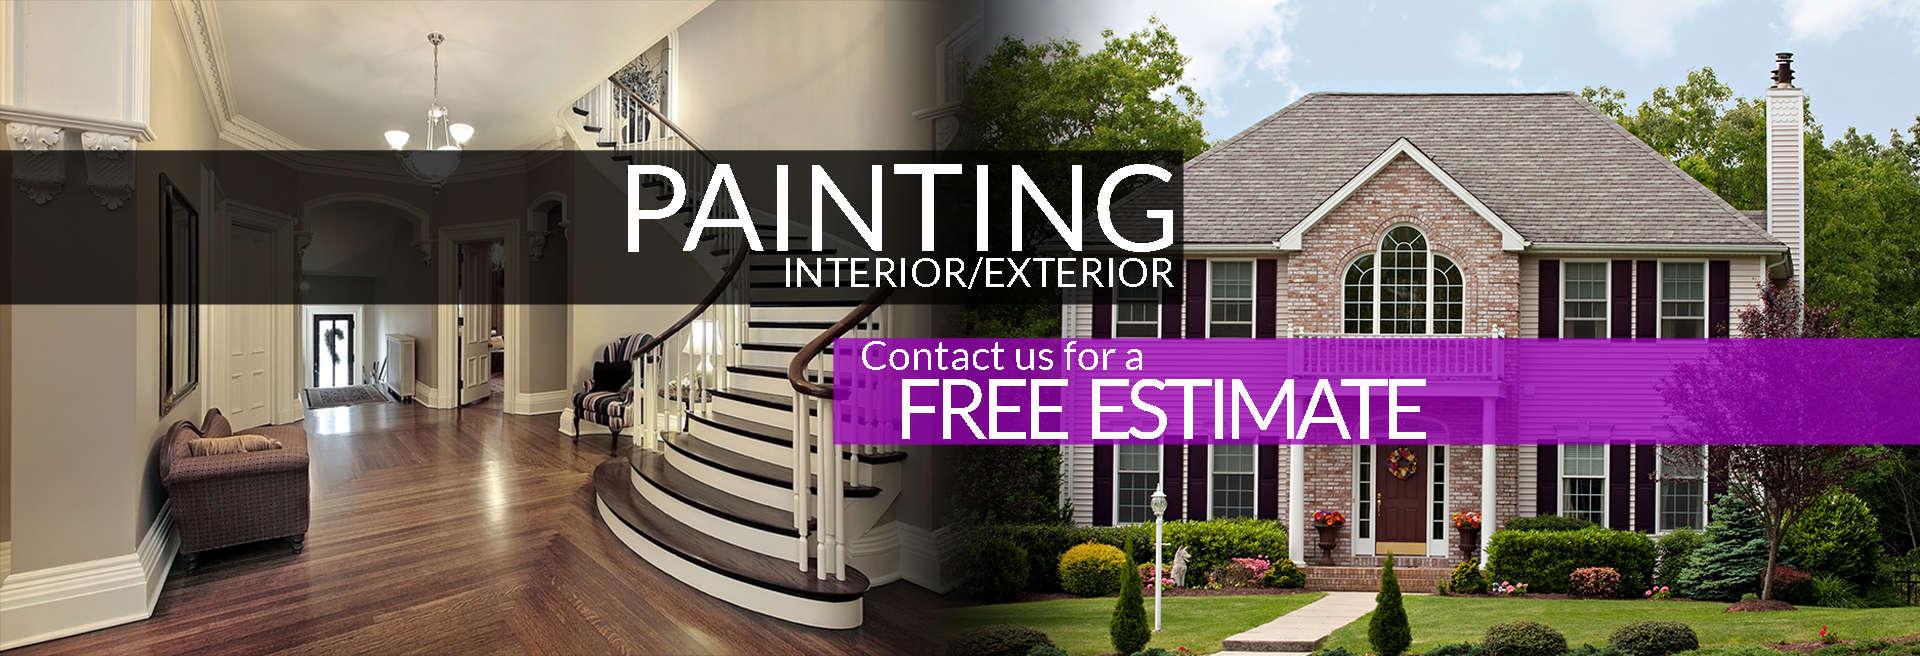 PaintingPromo.jpg